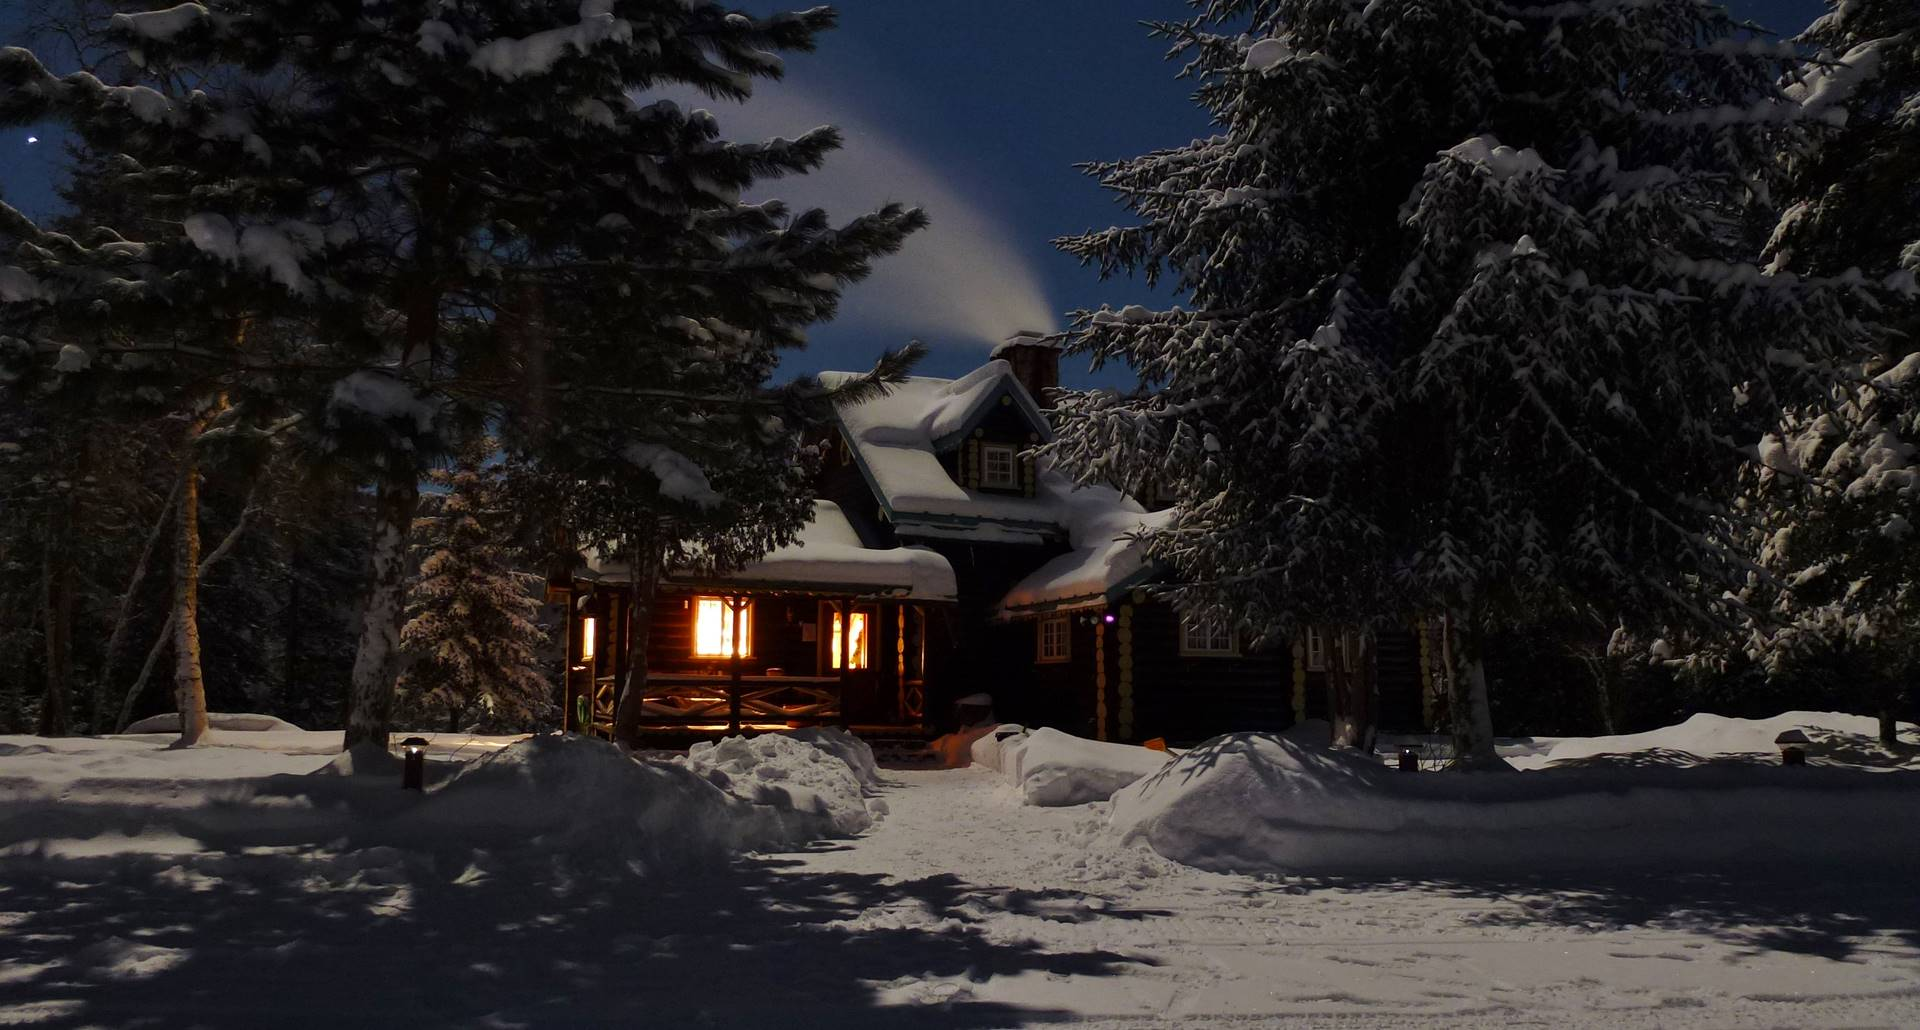 Domaine le Bostonnais, chalet de nuit pleine lune, La Tuque, Mauricie, Canada